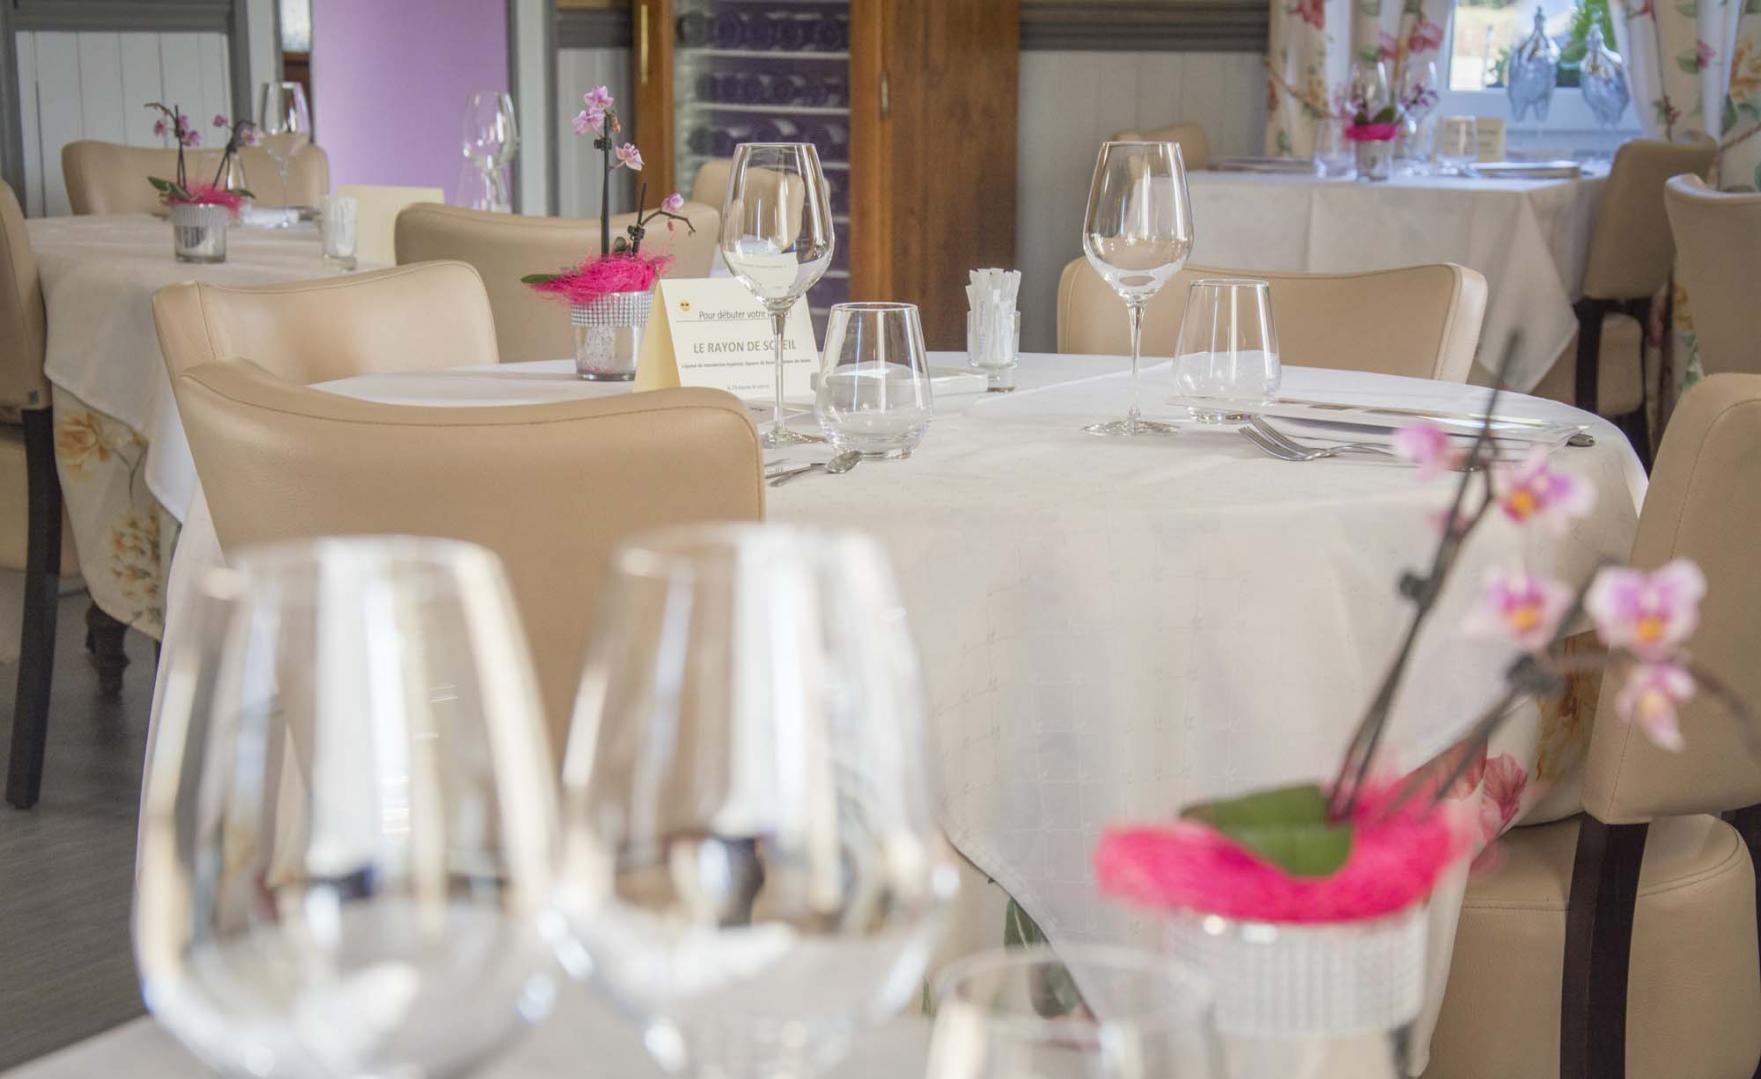 Image L'Auberge Fleurie - Restopolitan - Offre : Plat + Dessert au choix à la Carte (hors Menu)